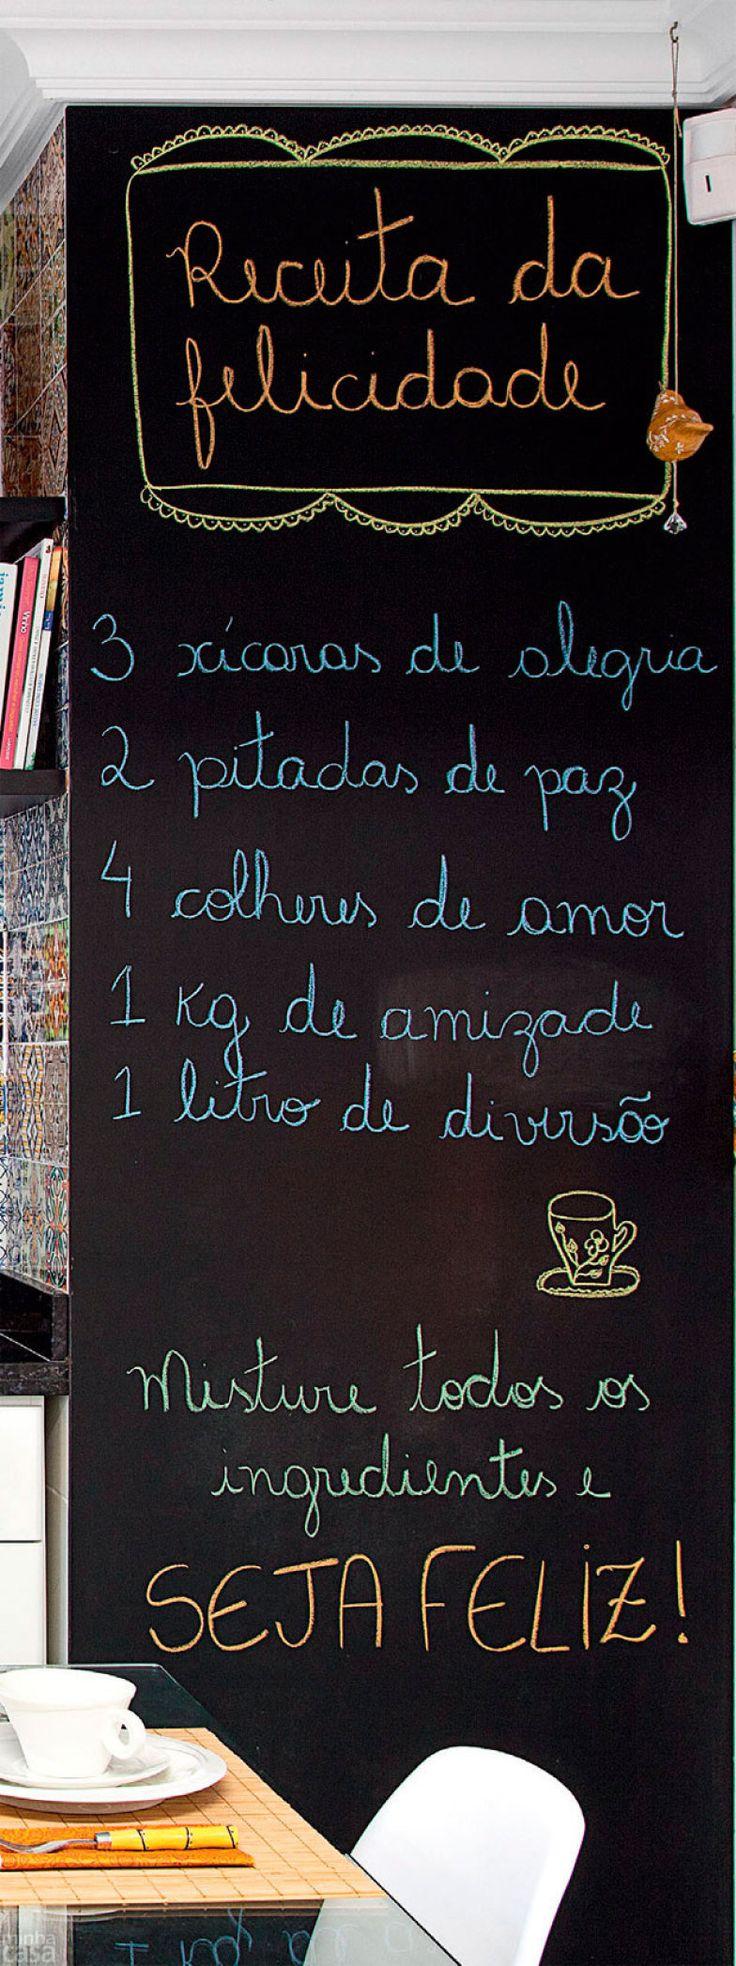 Mosaico de adesivos transforma cozinha em Curitiba. Fotos publicadas na revista MINHA CASA.